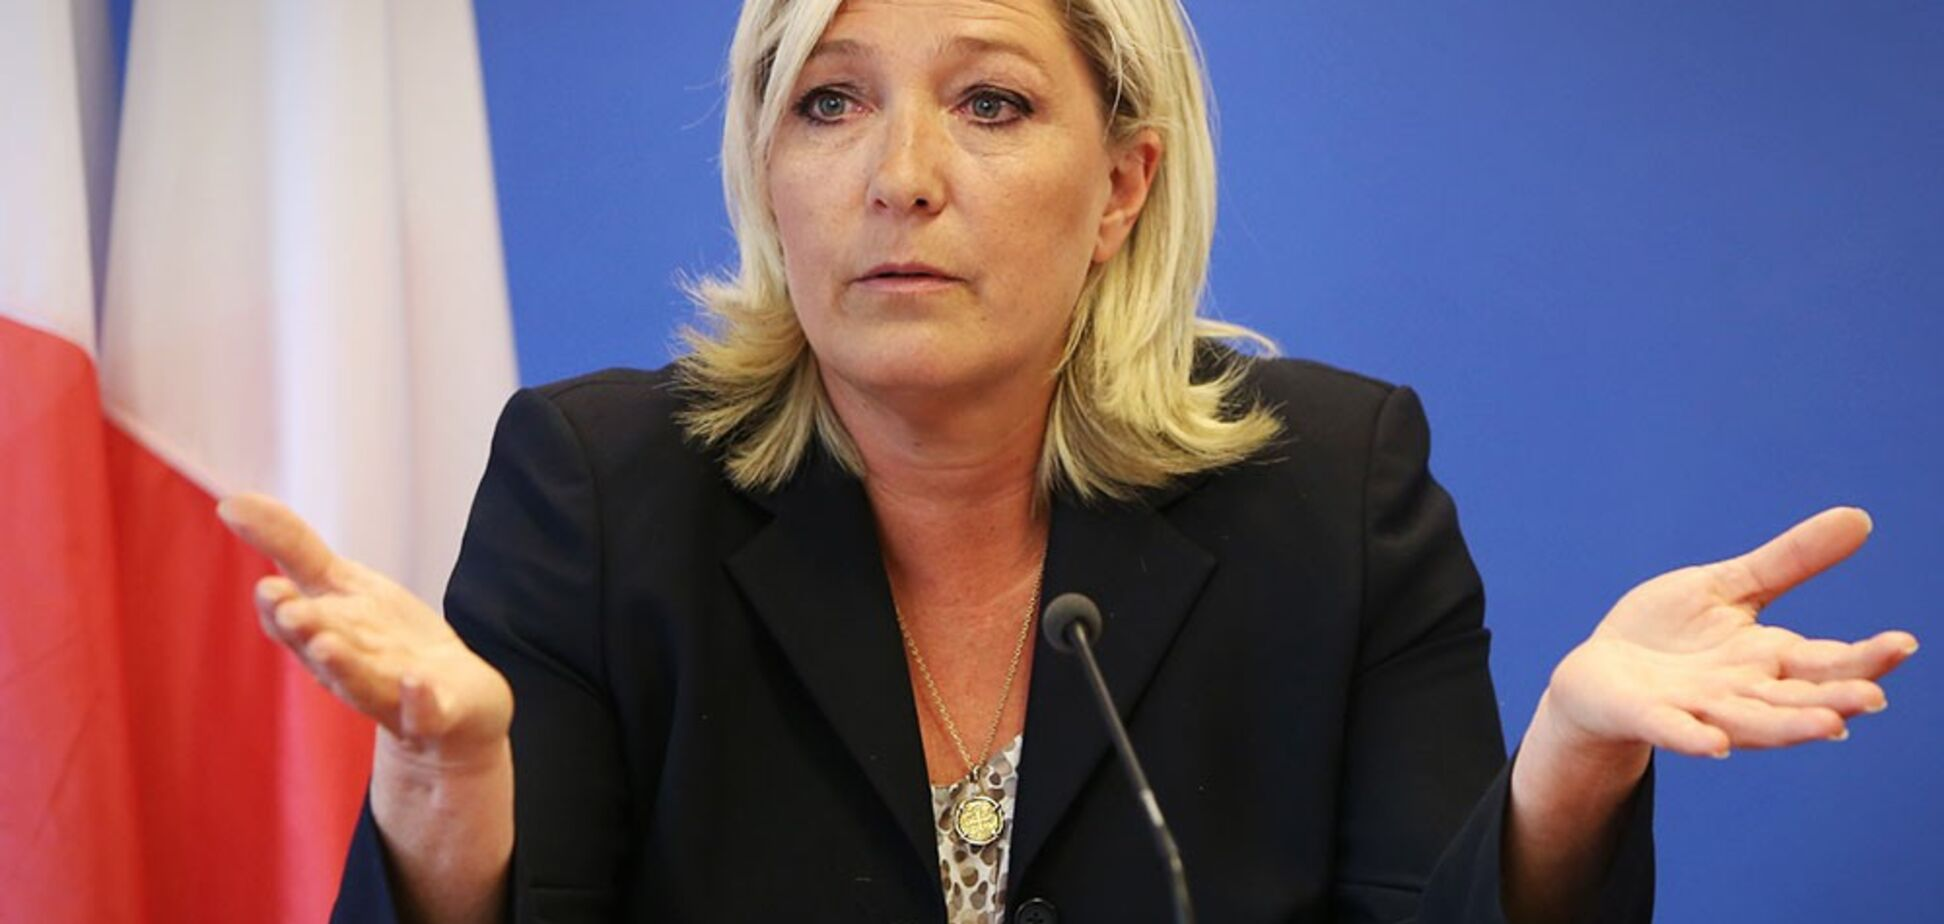 Пострадала из-за Twitter: во Франции применили жесткие меры к 'подруге Путина'